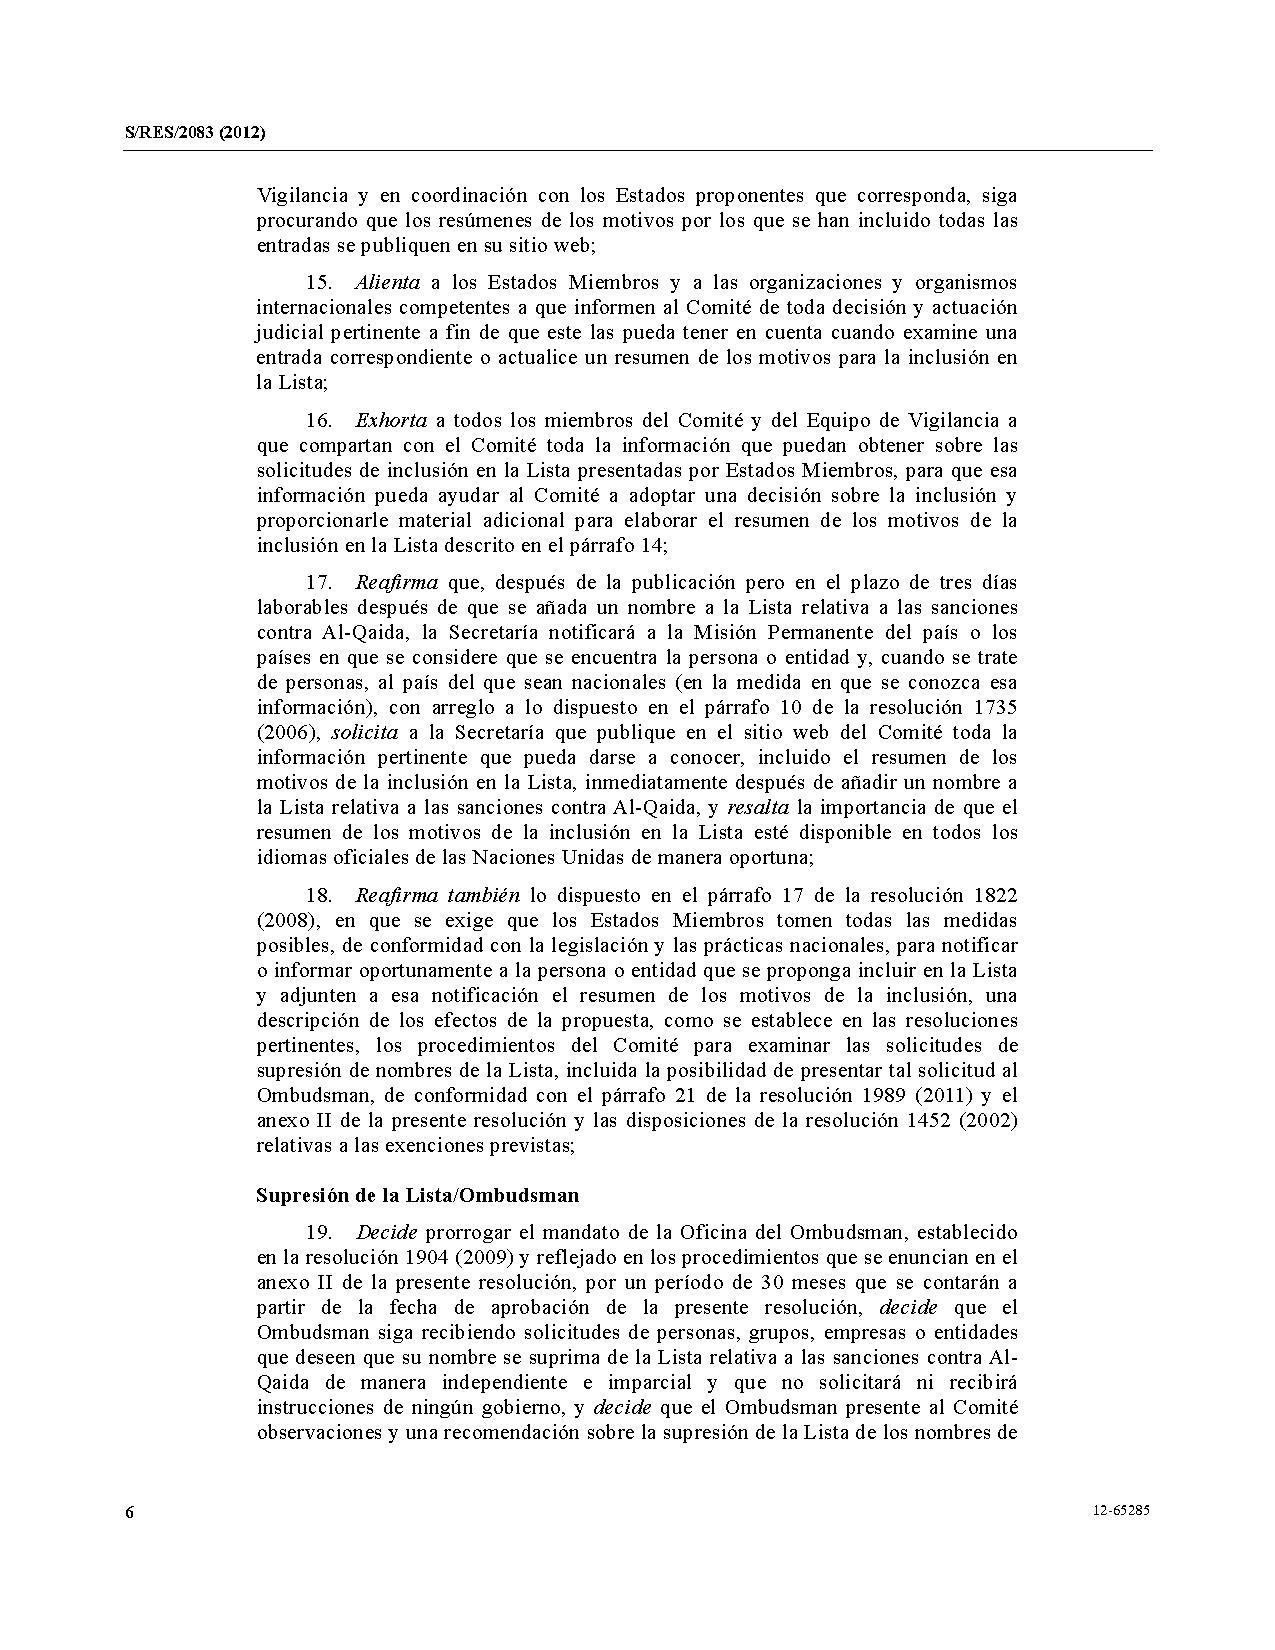 Página:Resolución 2083 del Consejo de Seguridad de las Naciones ...